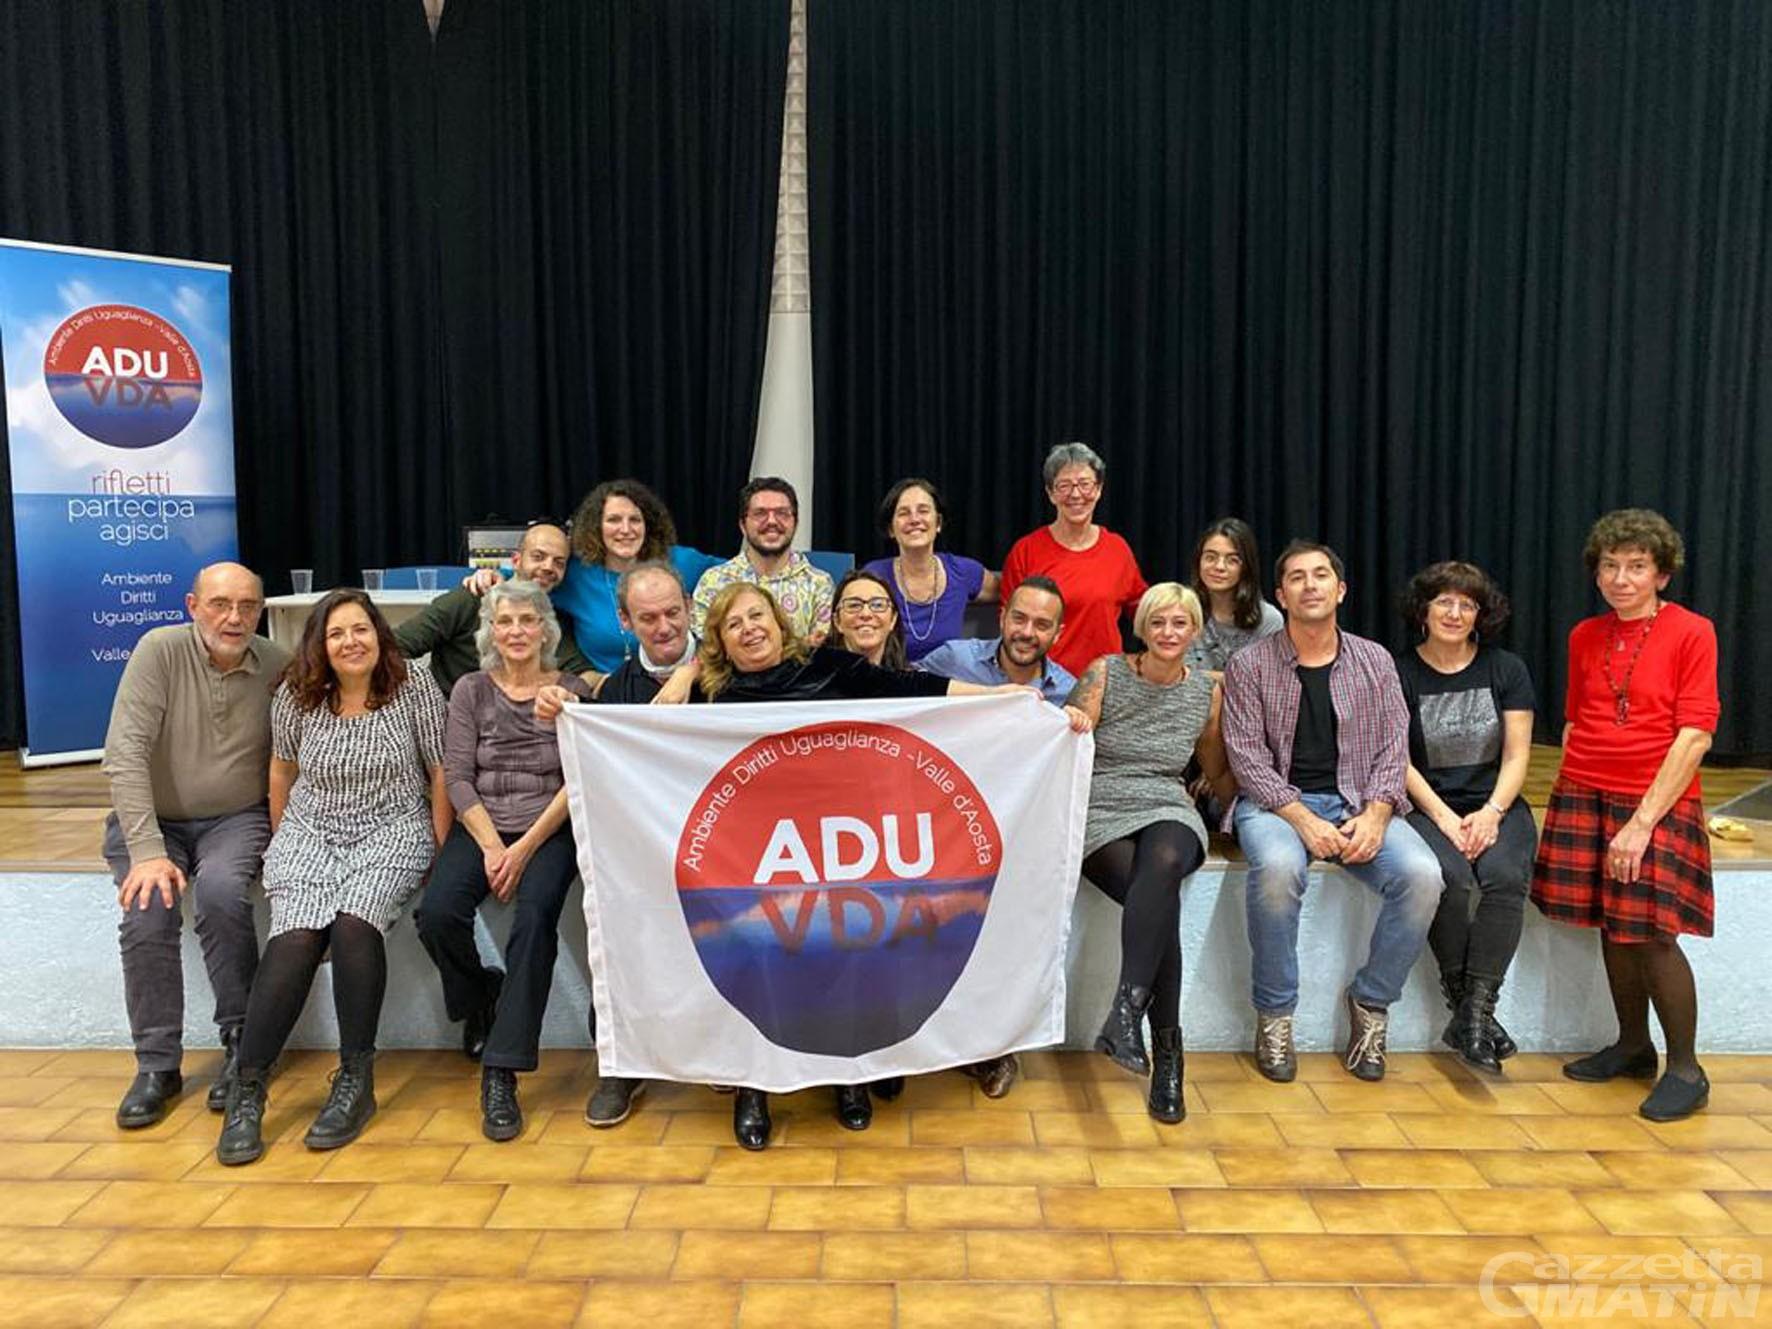 Appello di ADU: candidati e consiglieri regionali dicano se hanno chiesto e preso i 600 euro